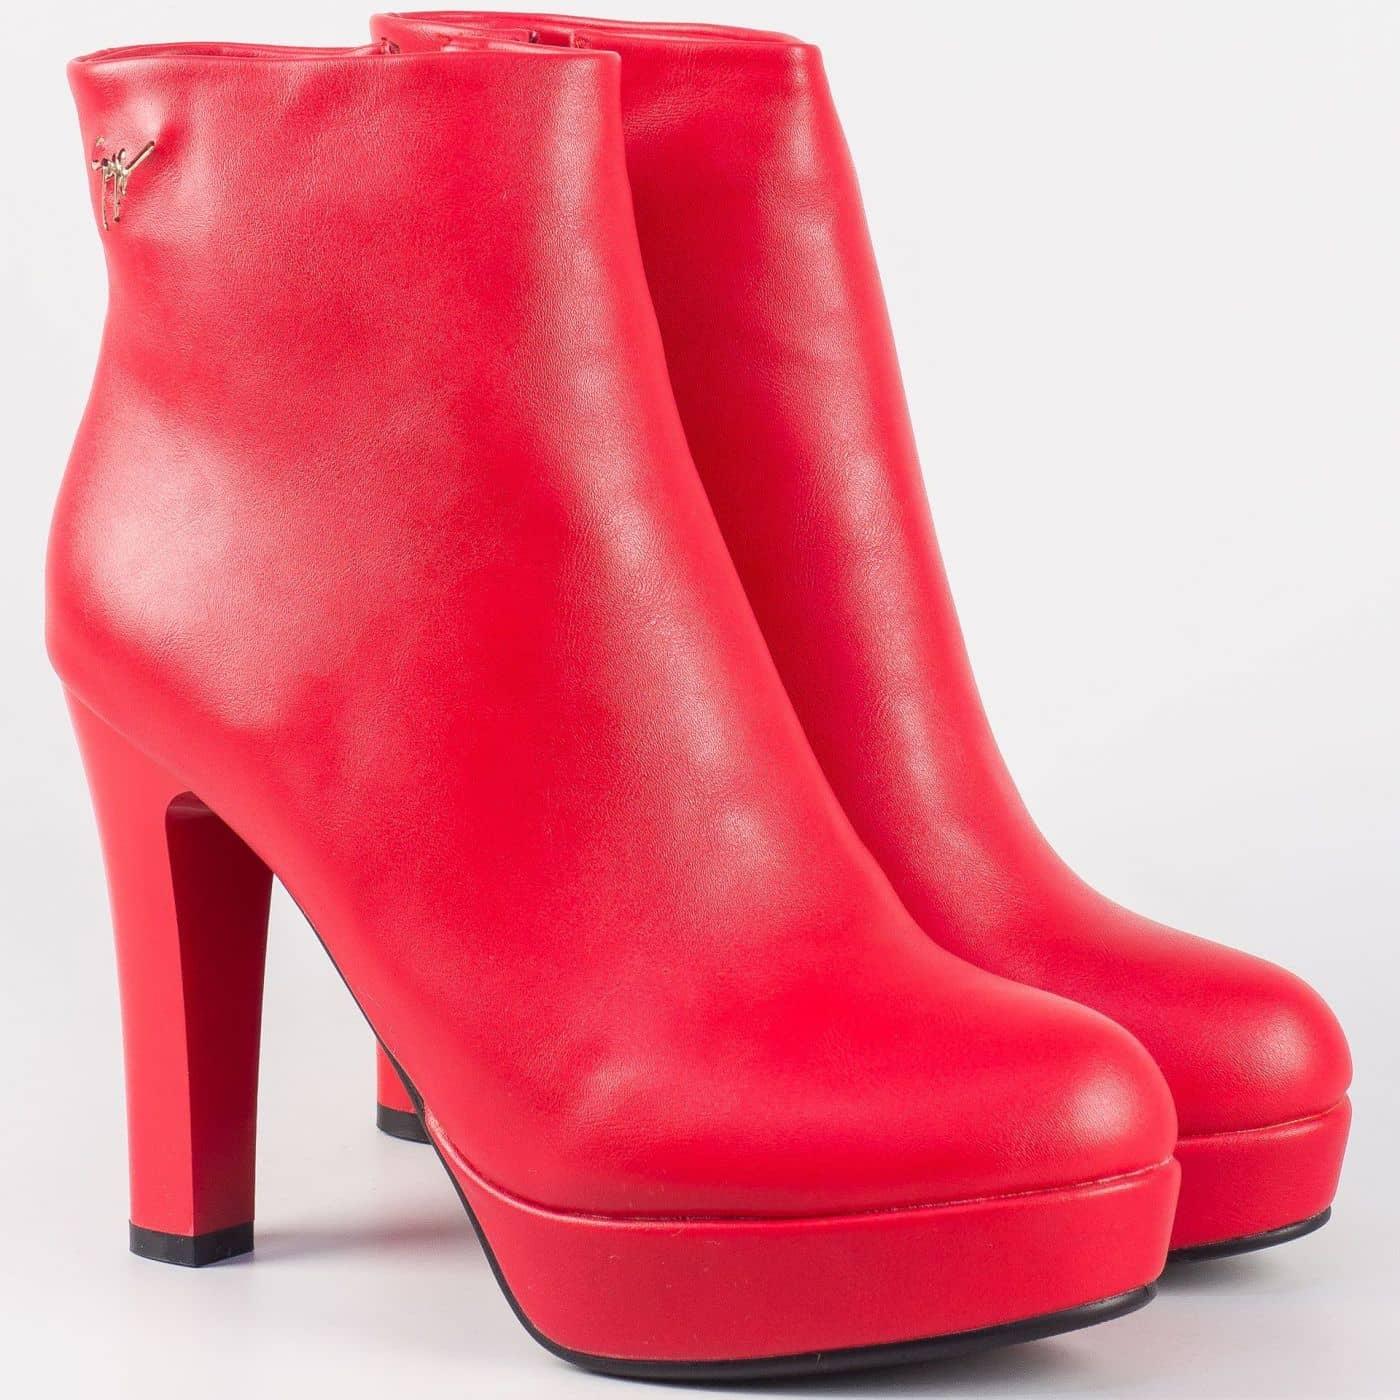 14972627e50 Атрактивни дамски боти на висок ток- Eliza в ярко червен цвят 2919chv - Sisi -bg.com